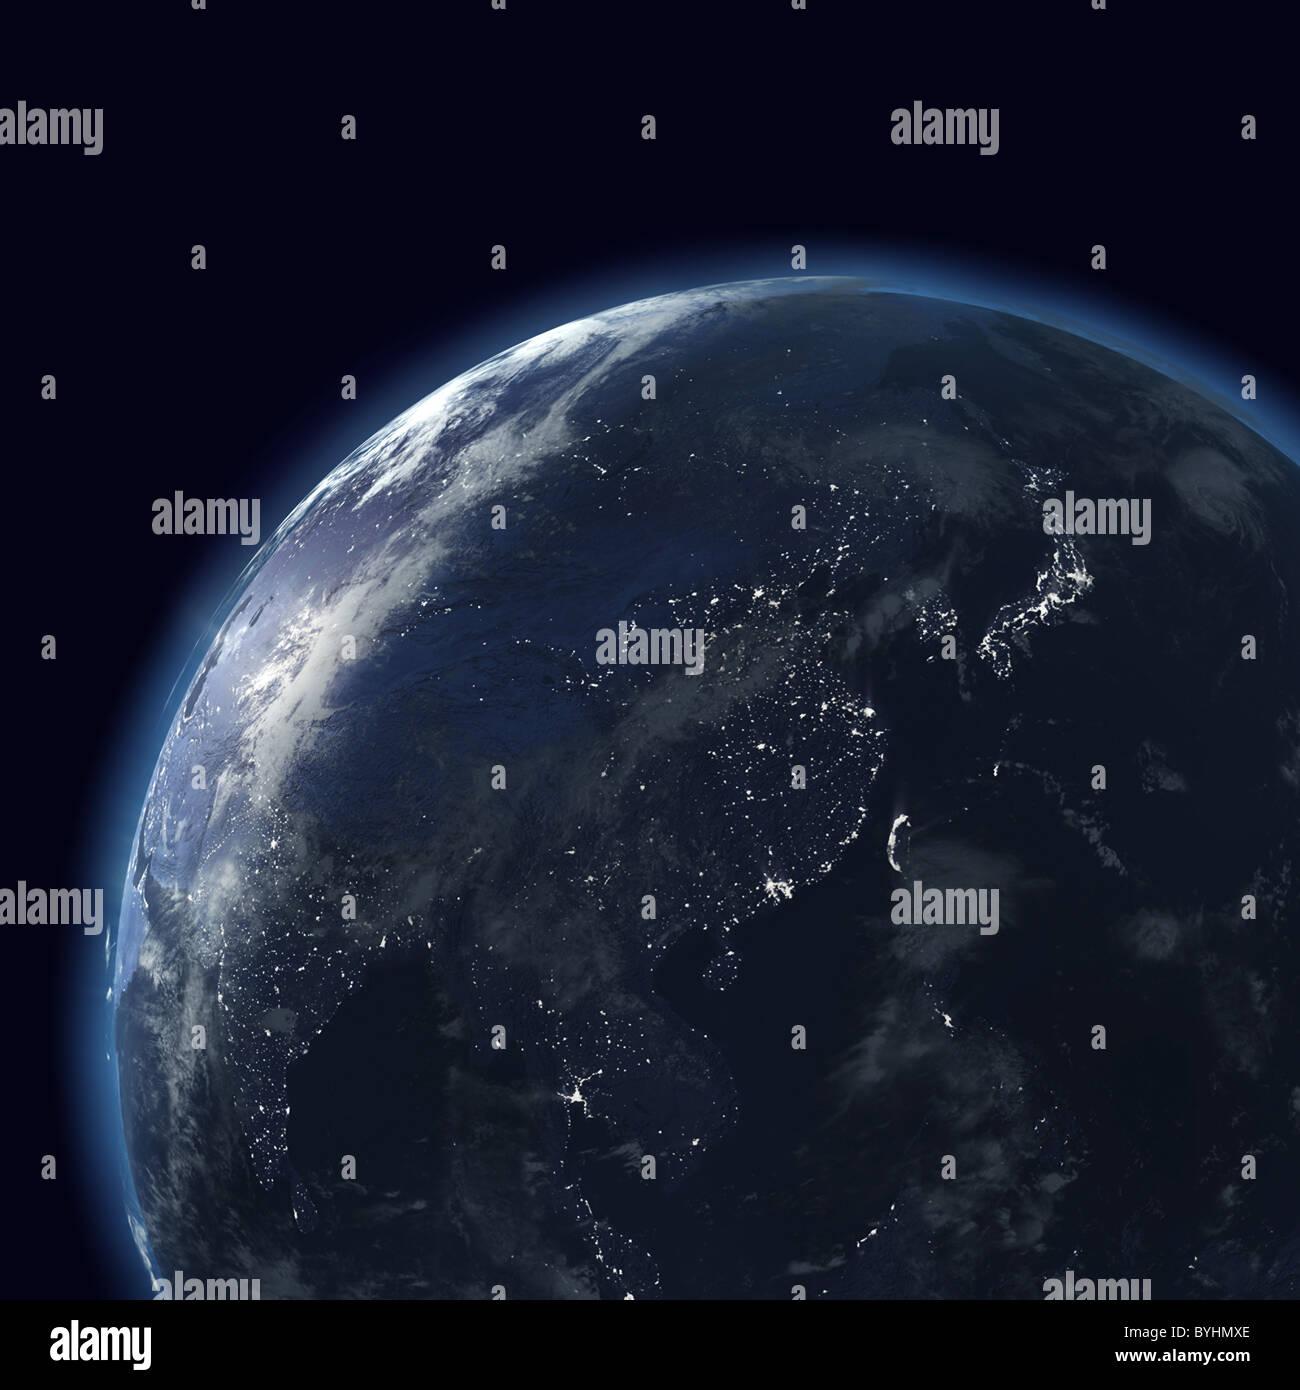 Globe de noche con las luces de la ciudad, mapa detallado de Asia oriental, Japón, China, India, Indonesia Imagen De Stock